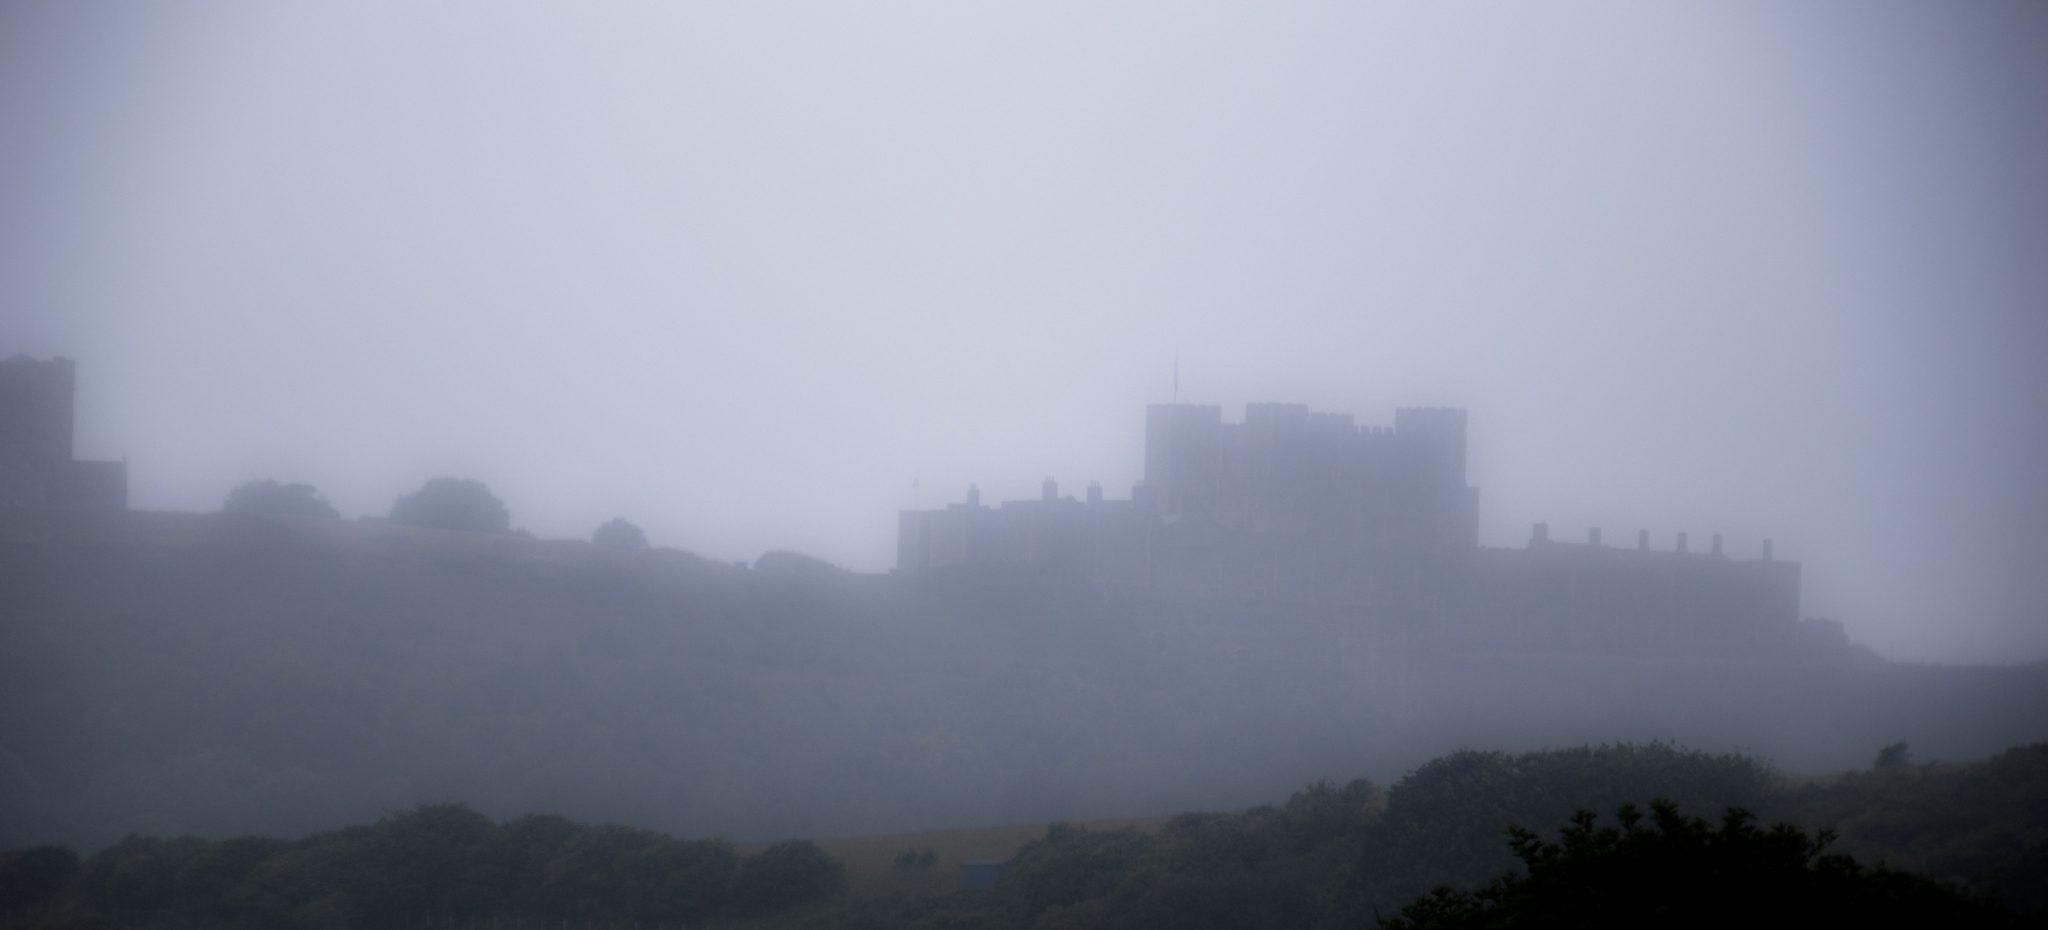 Het blijft wel Zuid-Engeland qua weer: Dover Castle in de mist